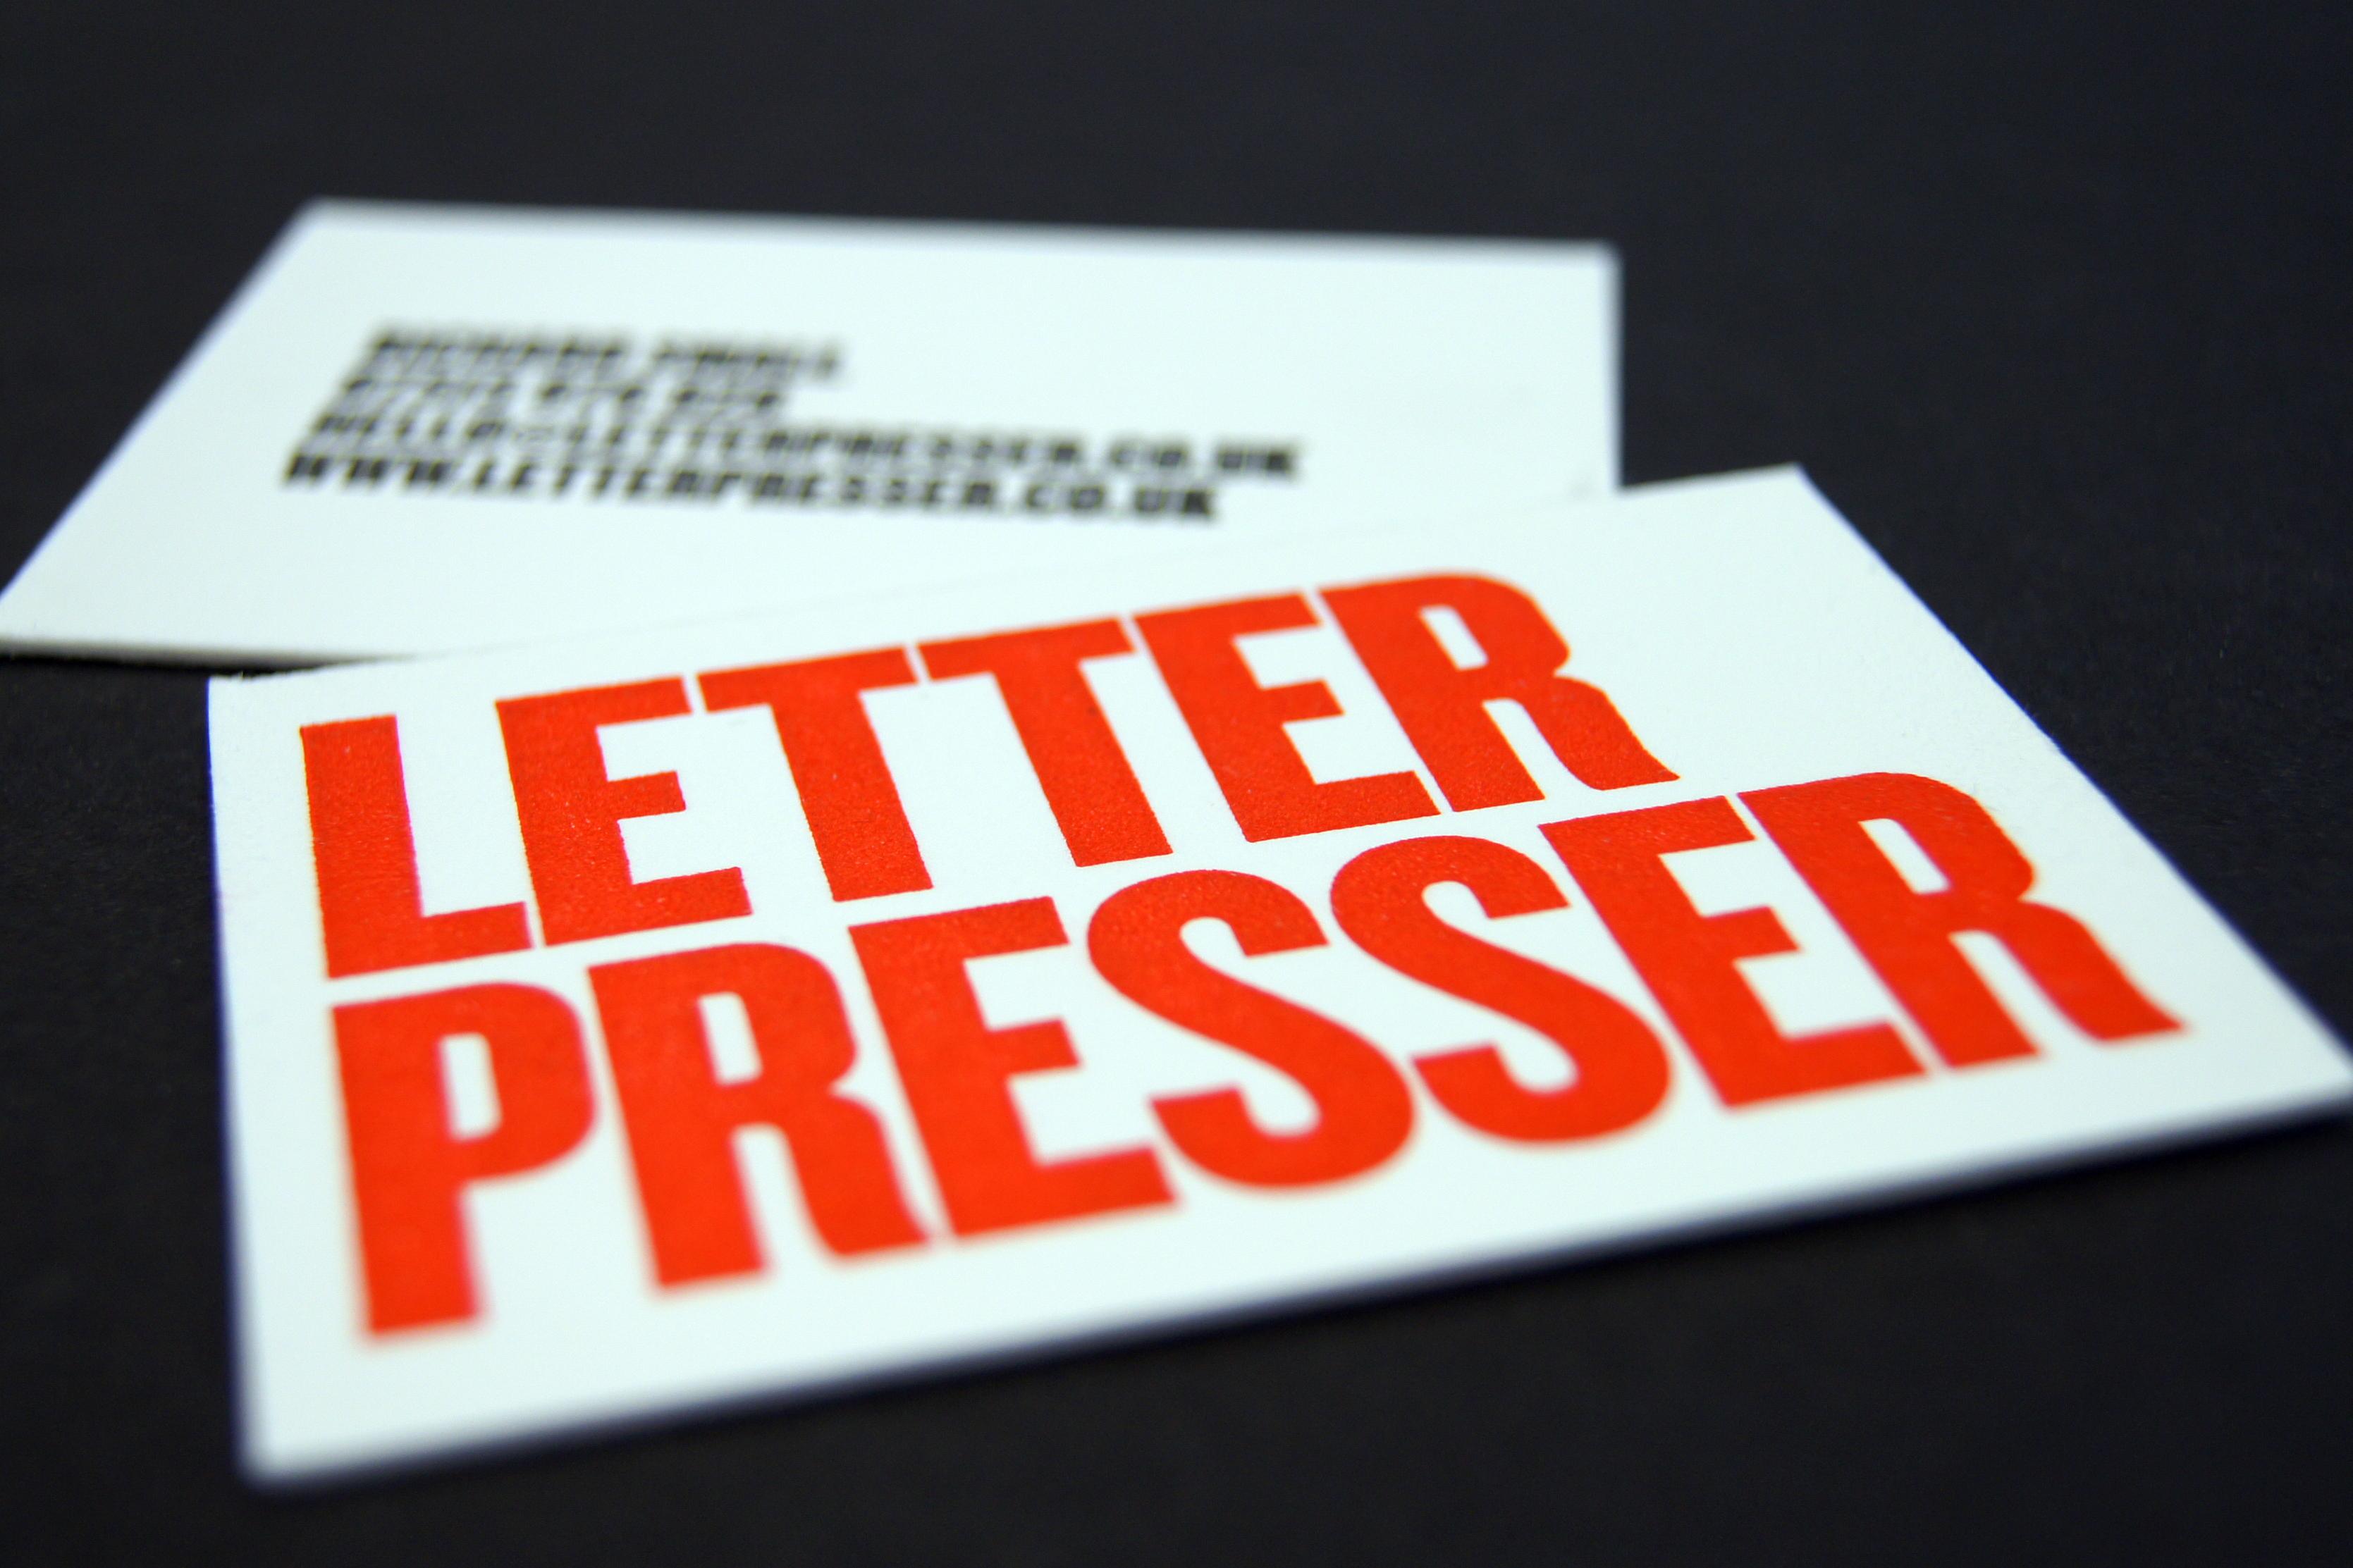 Letterpresser Calling Cards